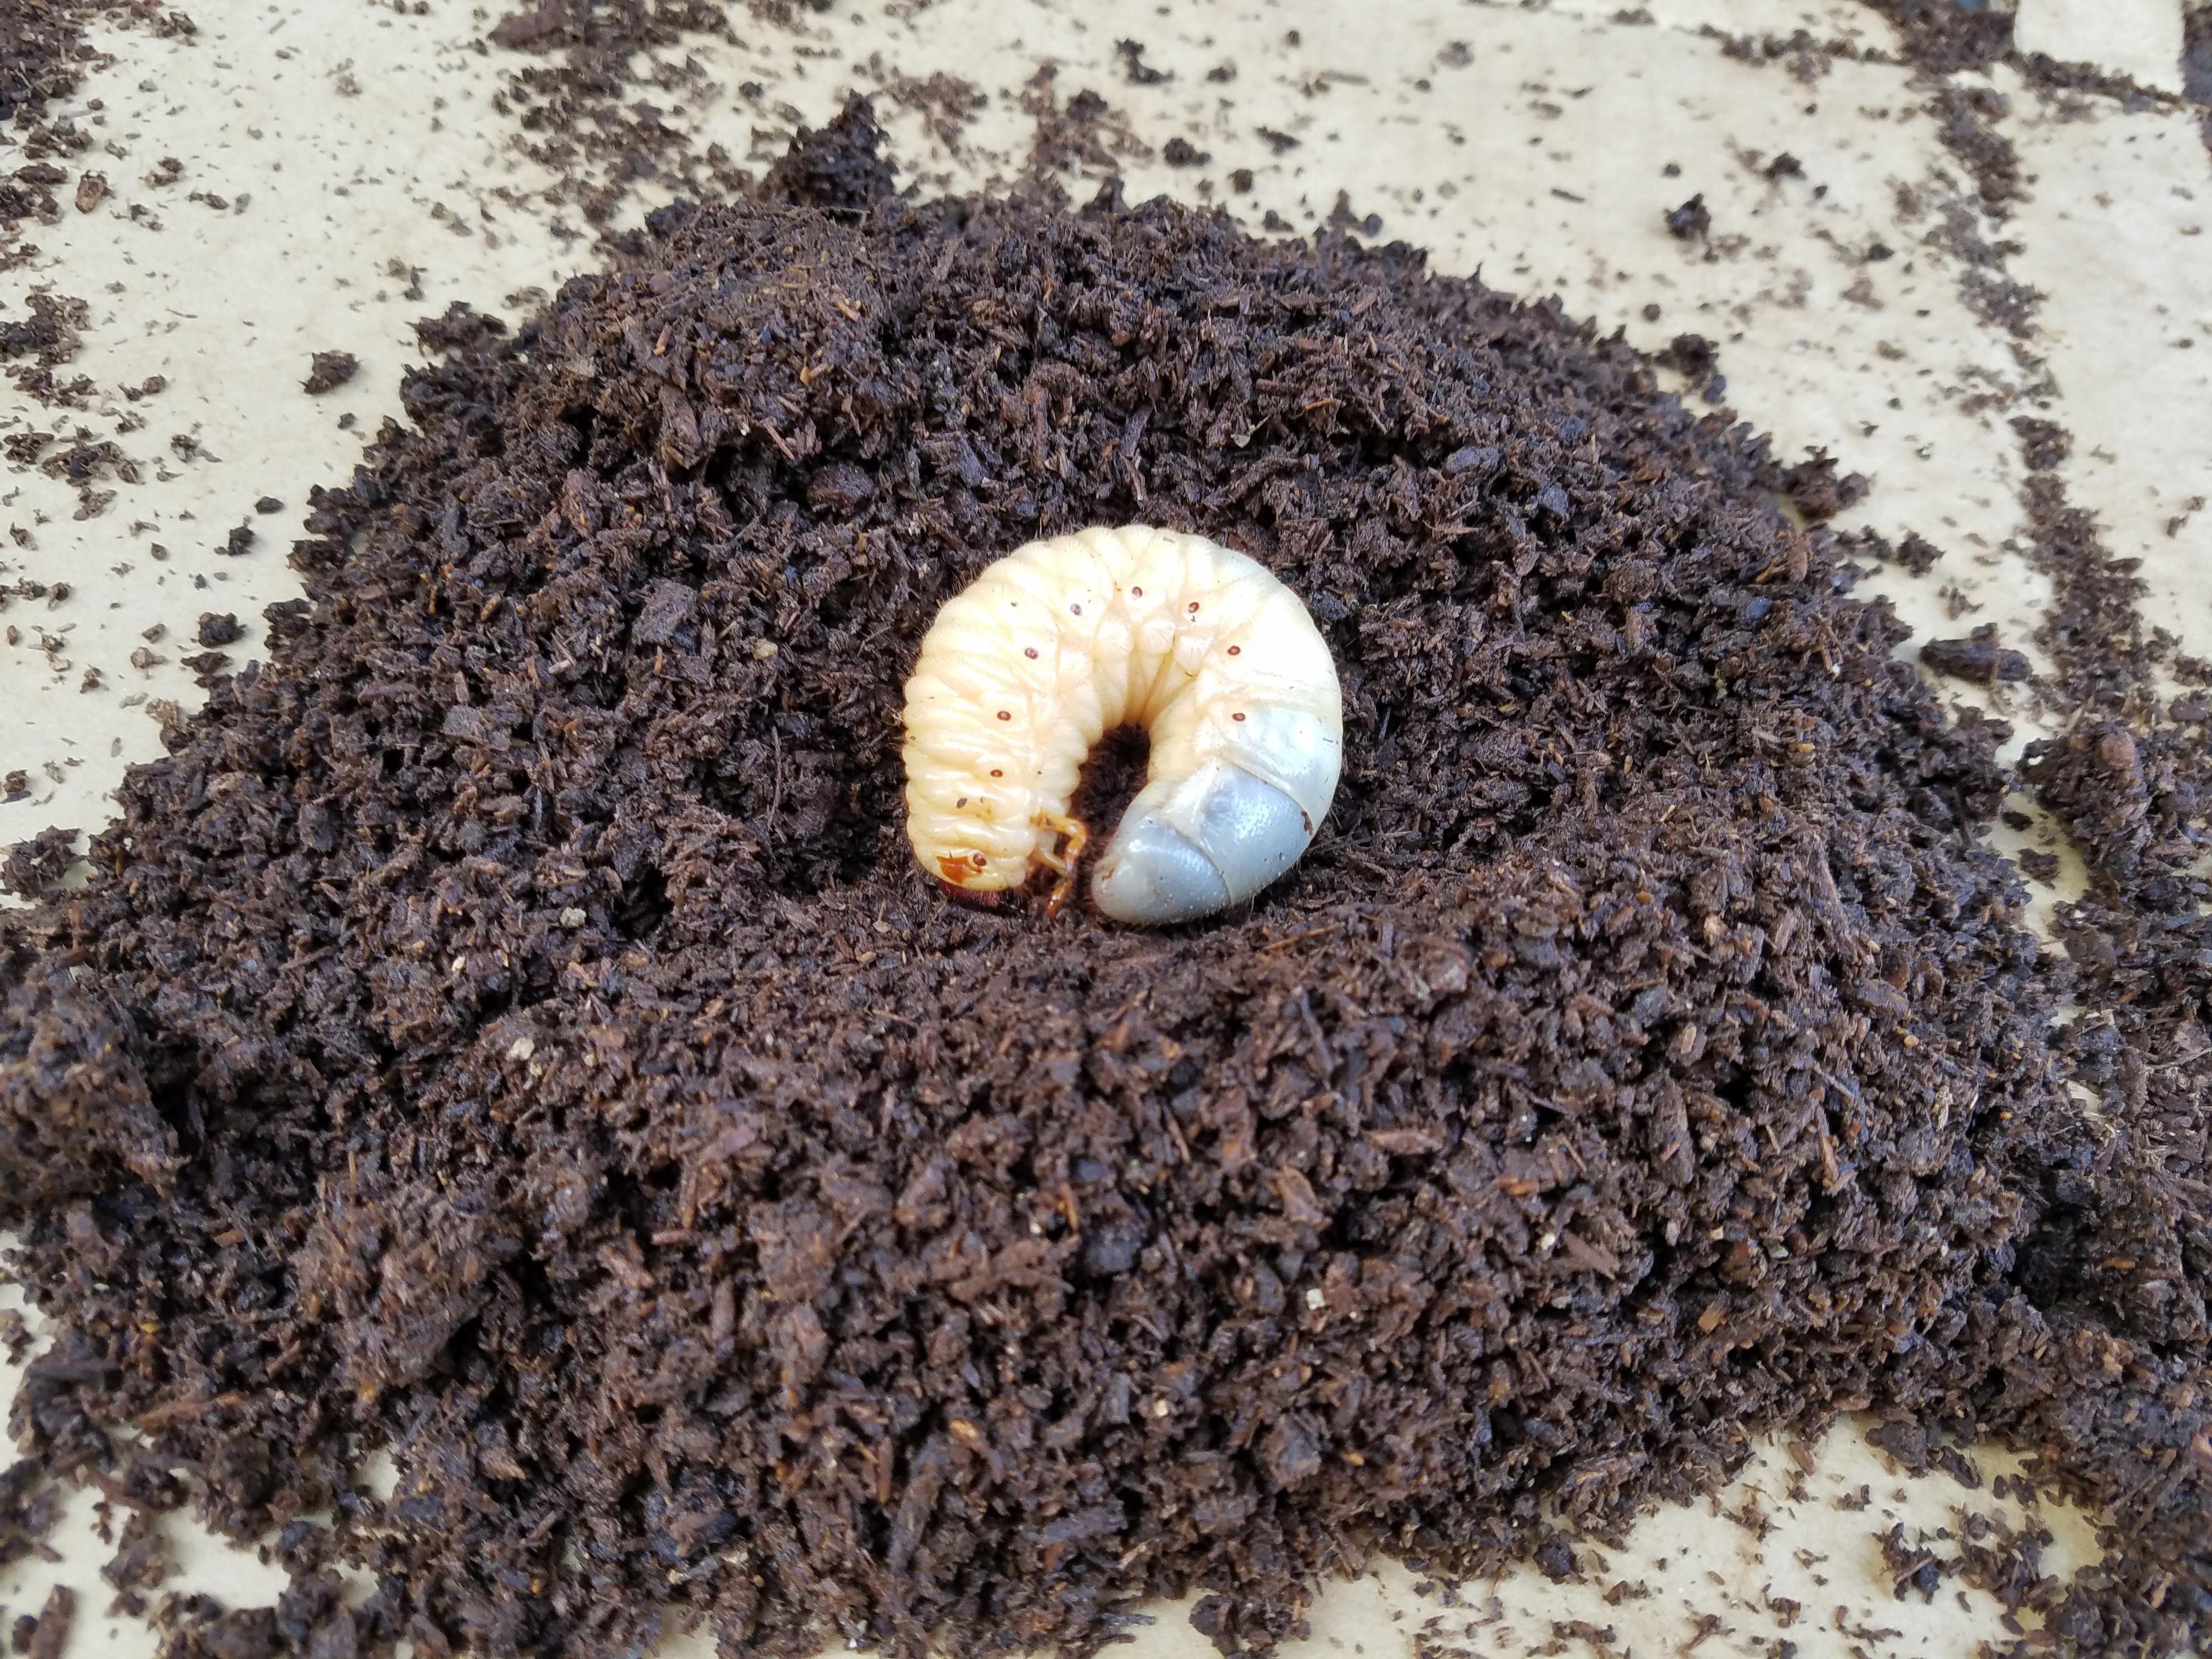 幼虫 から カブトムシ 出る 土